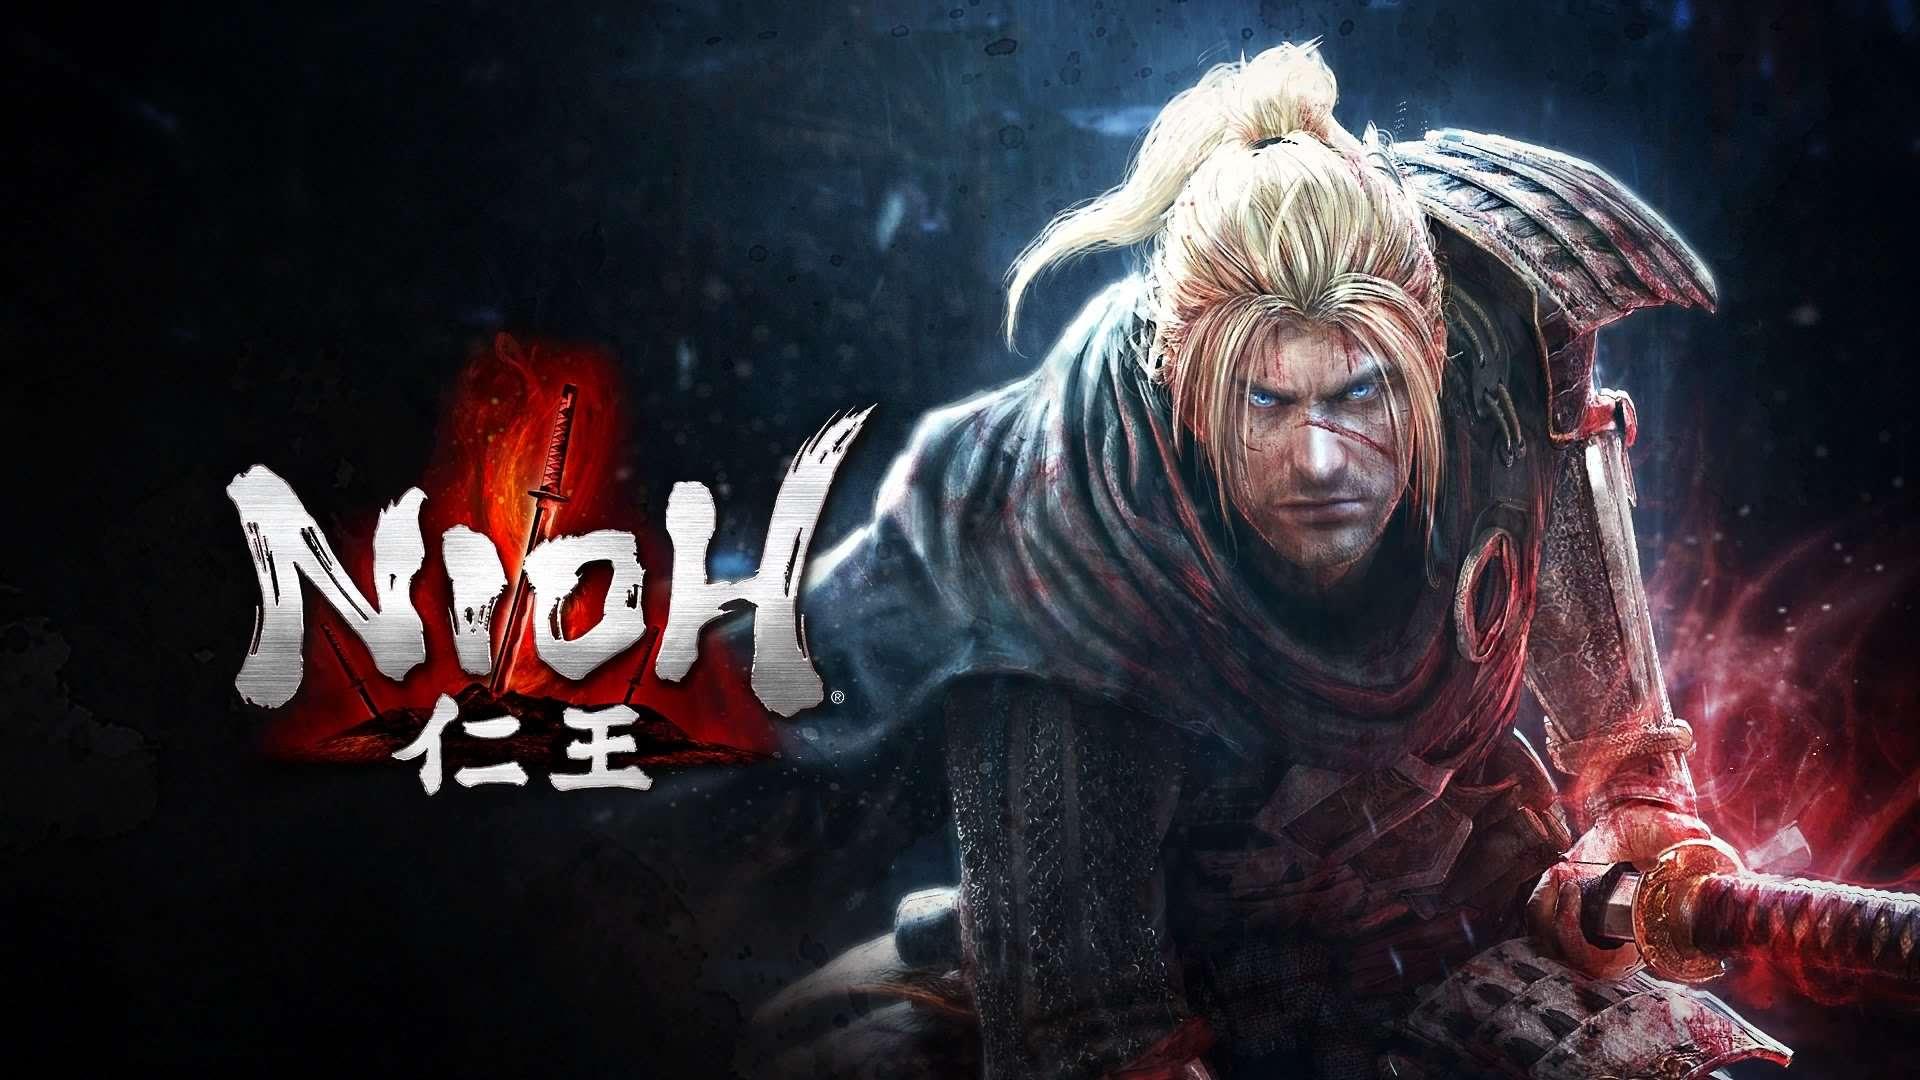 PS5『仁王 Complete Edition』発売1ヶ月で新品50%OFFセール中!4K120fpsの完全版をお得に遊ぶチャンス